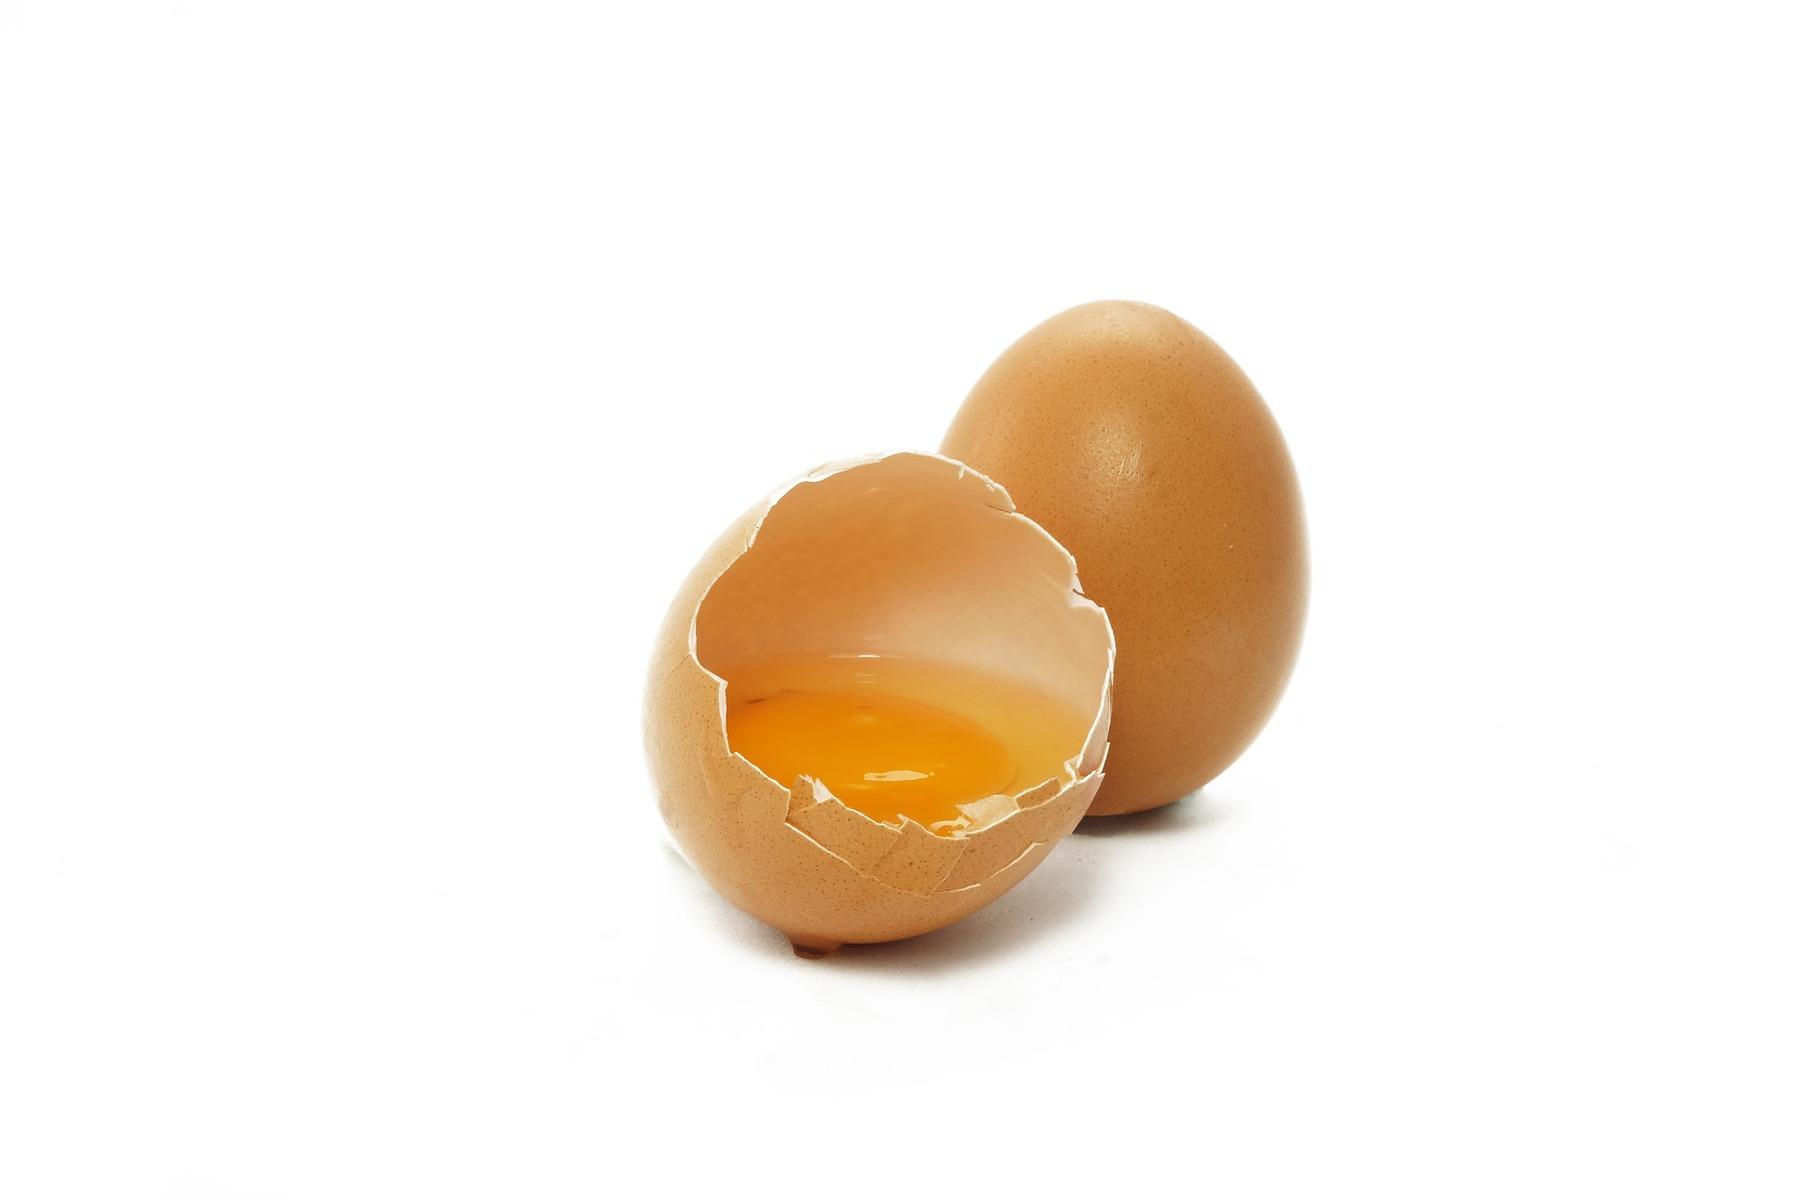 tuorli di uova ricchi di vitamina b12